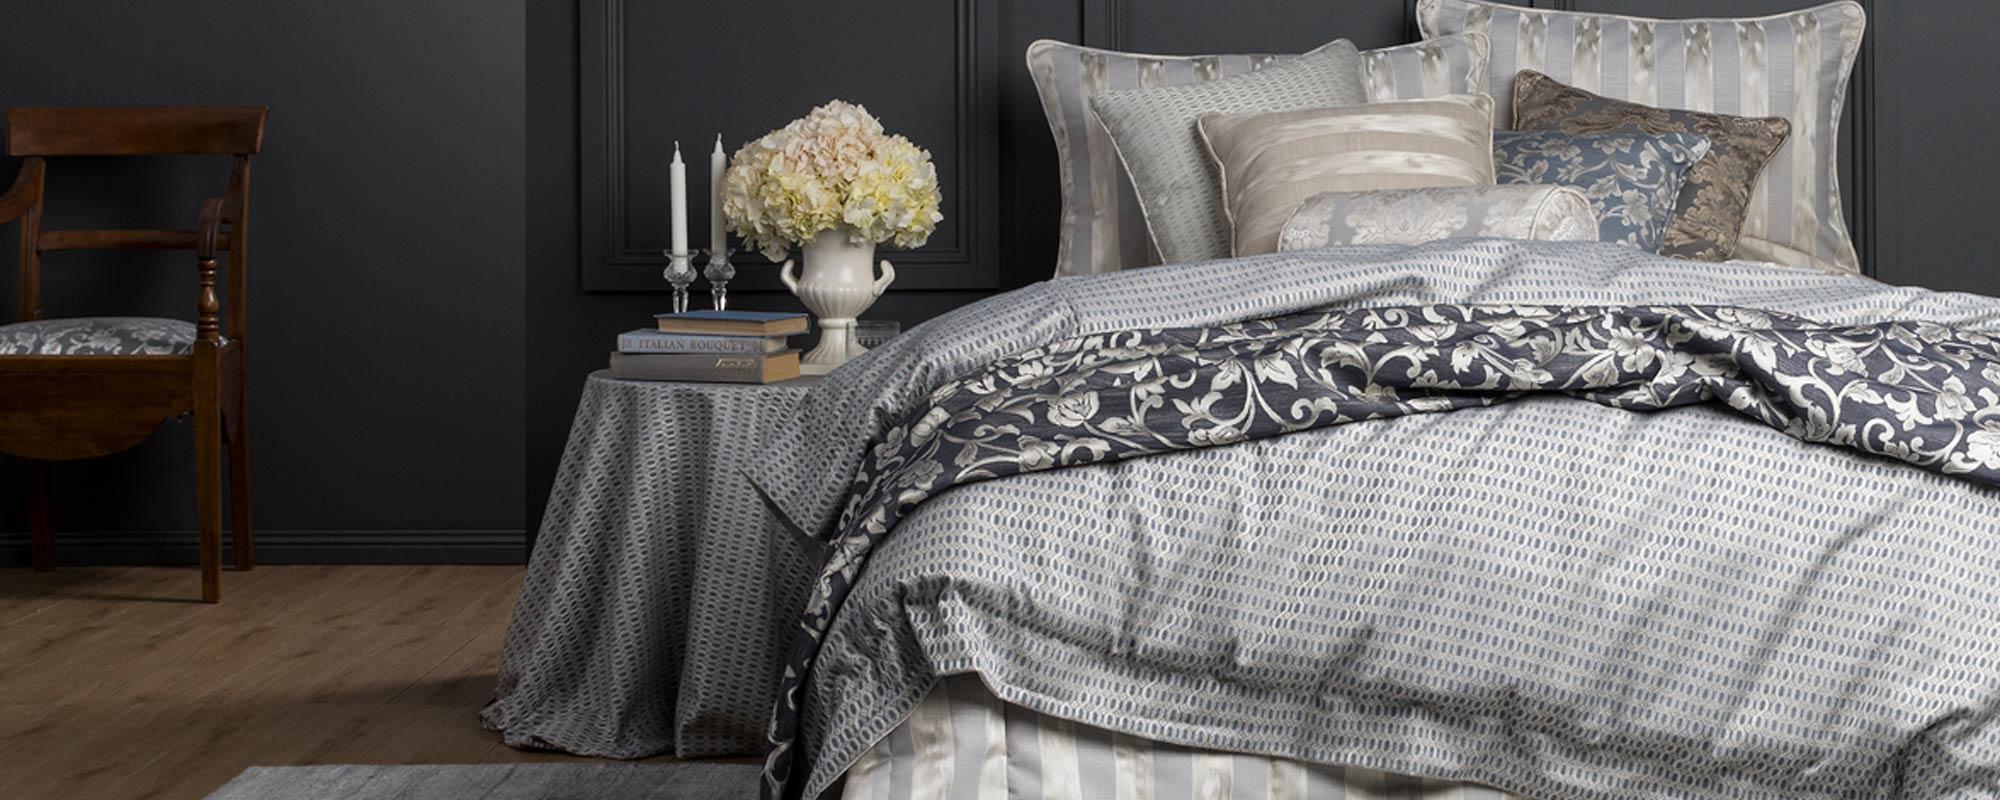 View of bedroom bedsheet